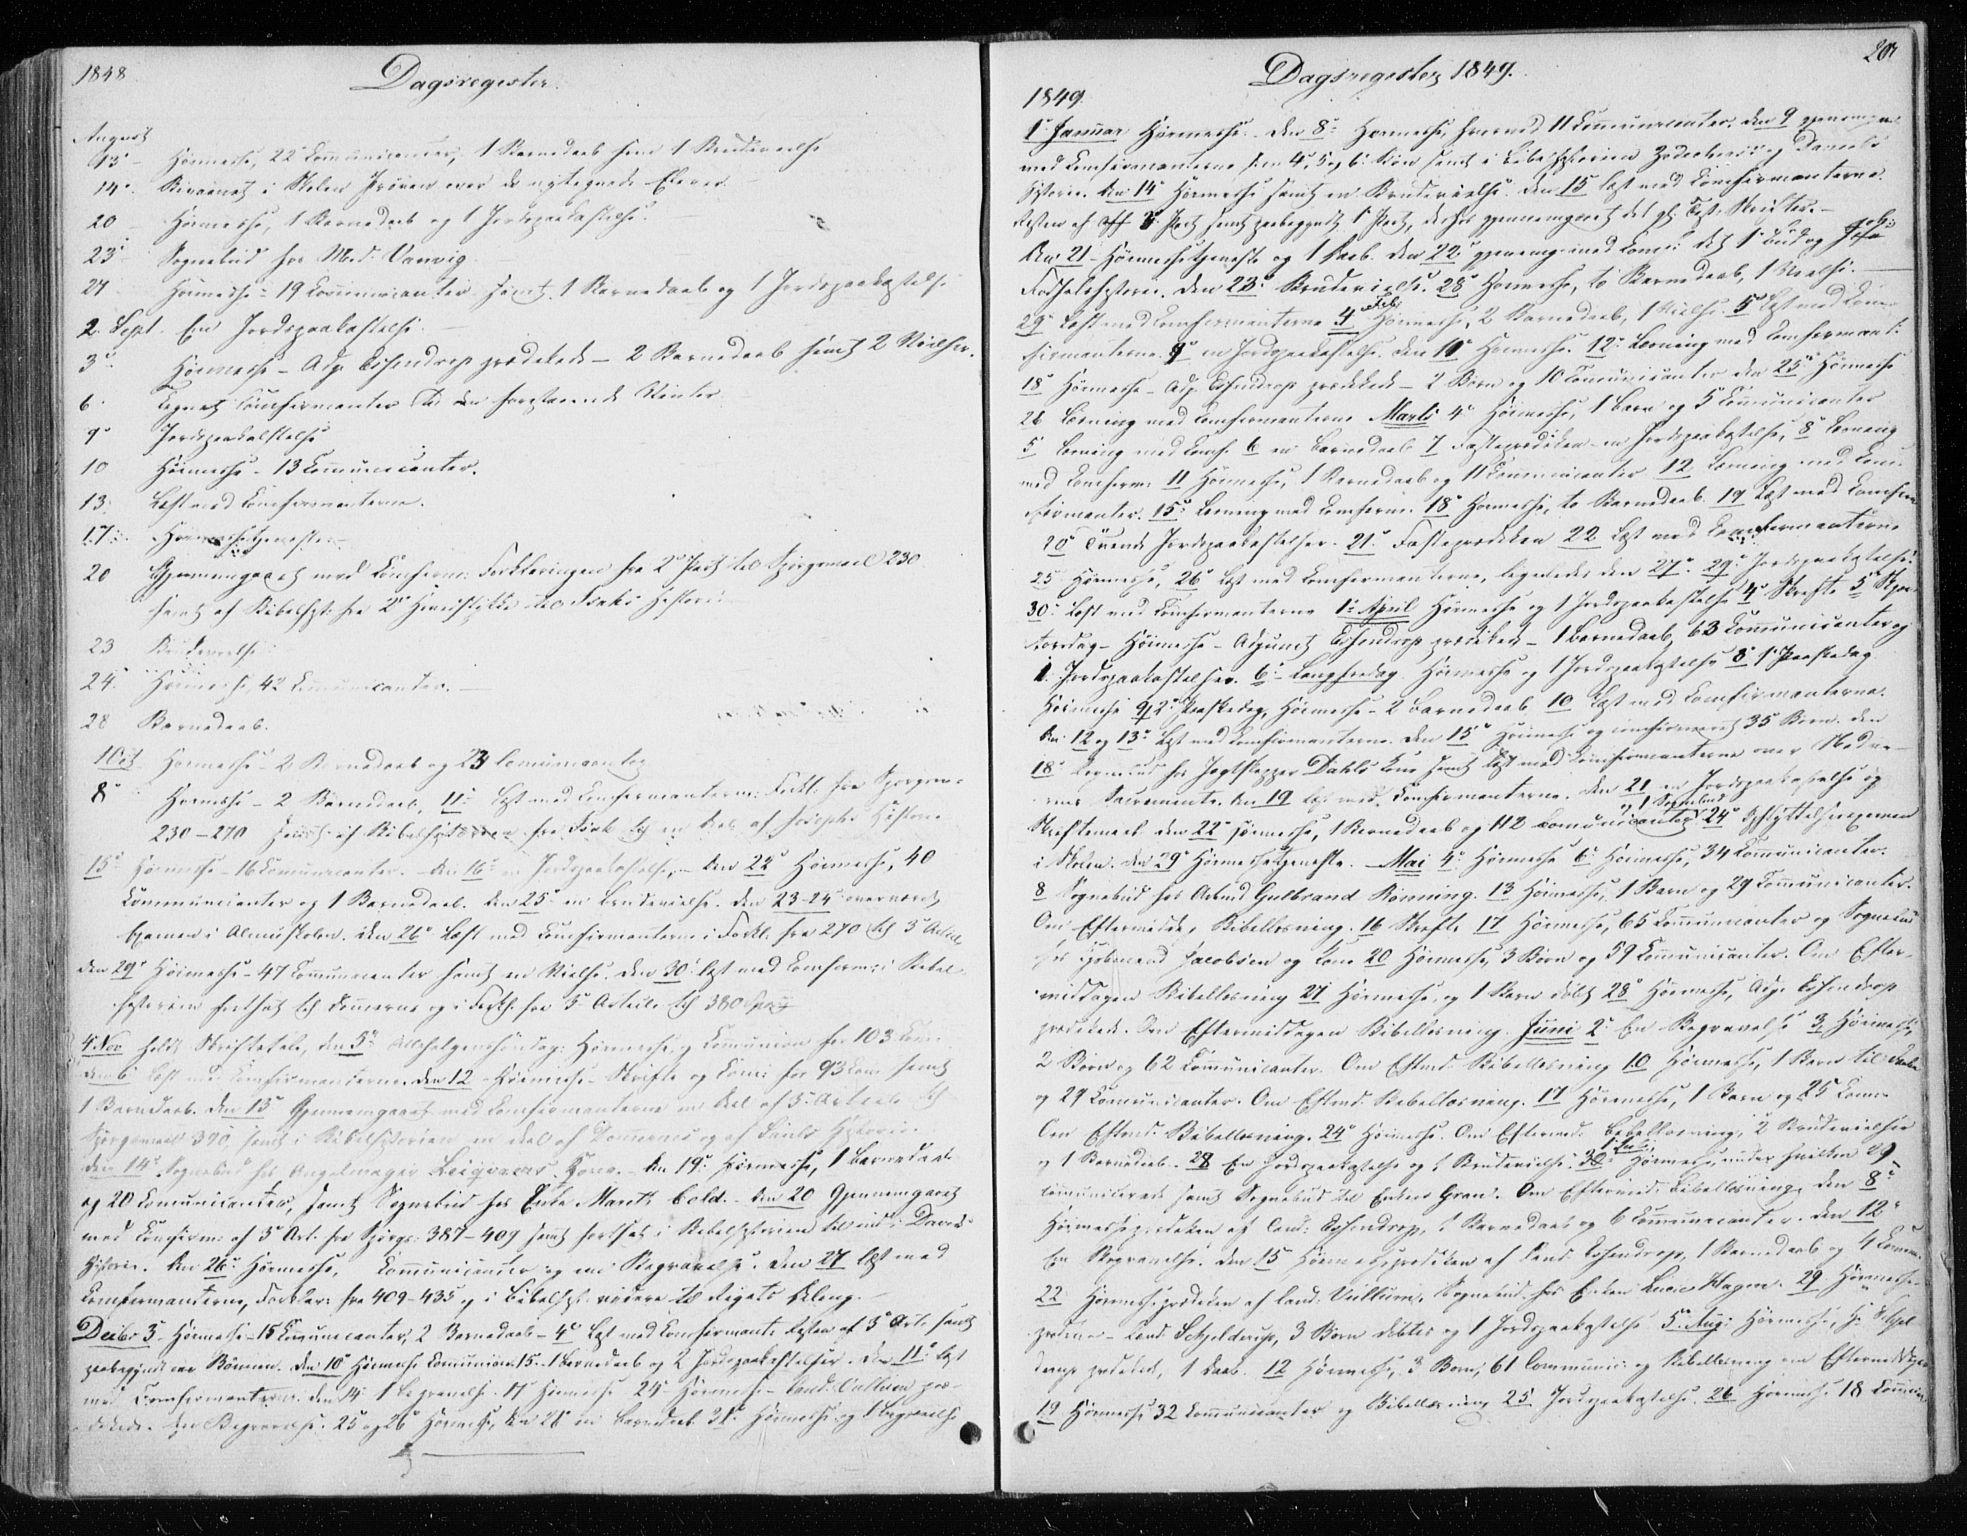 SAT, Ministerialprotokoller, klokkerbøker og fødselsregistre - Sør-Trøndelag, 604/L0183: Ministerialbok nr. 604A04, 1841-1850, s. 203